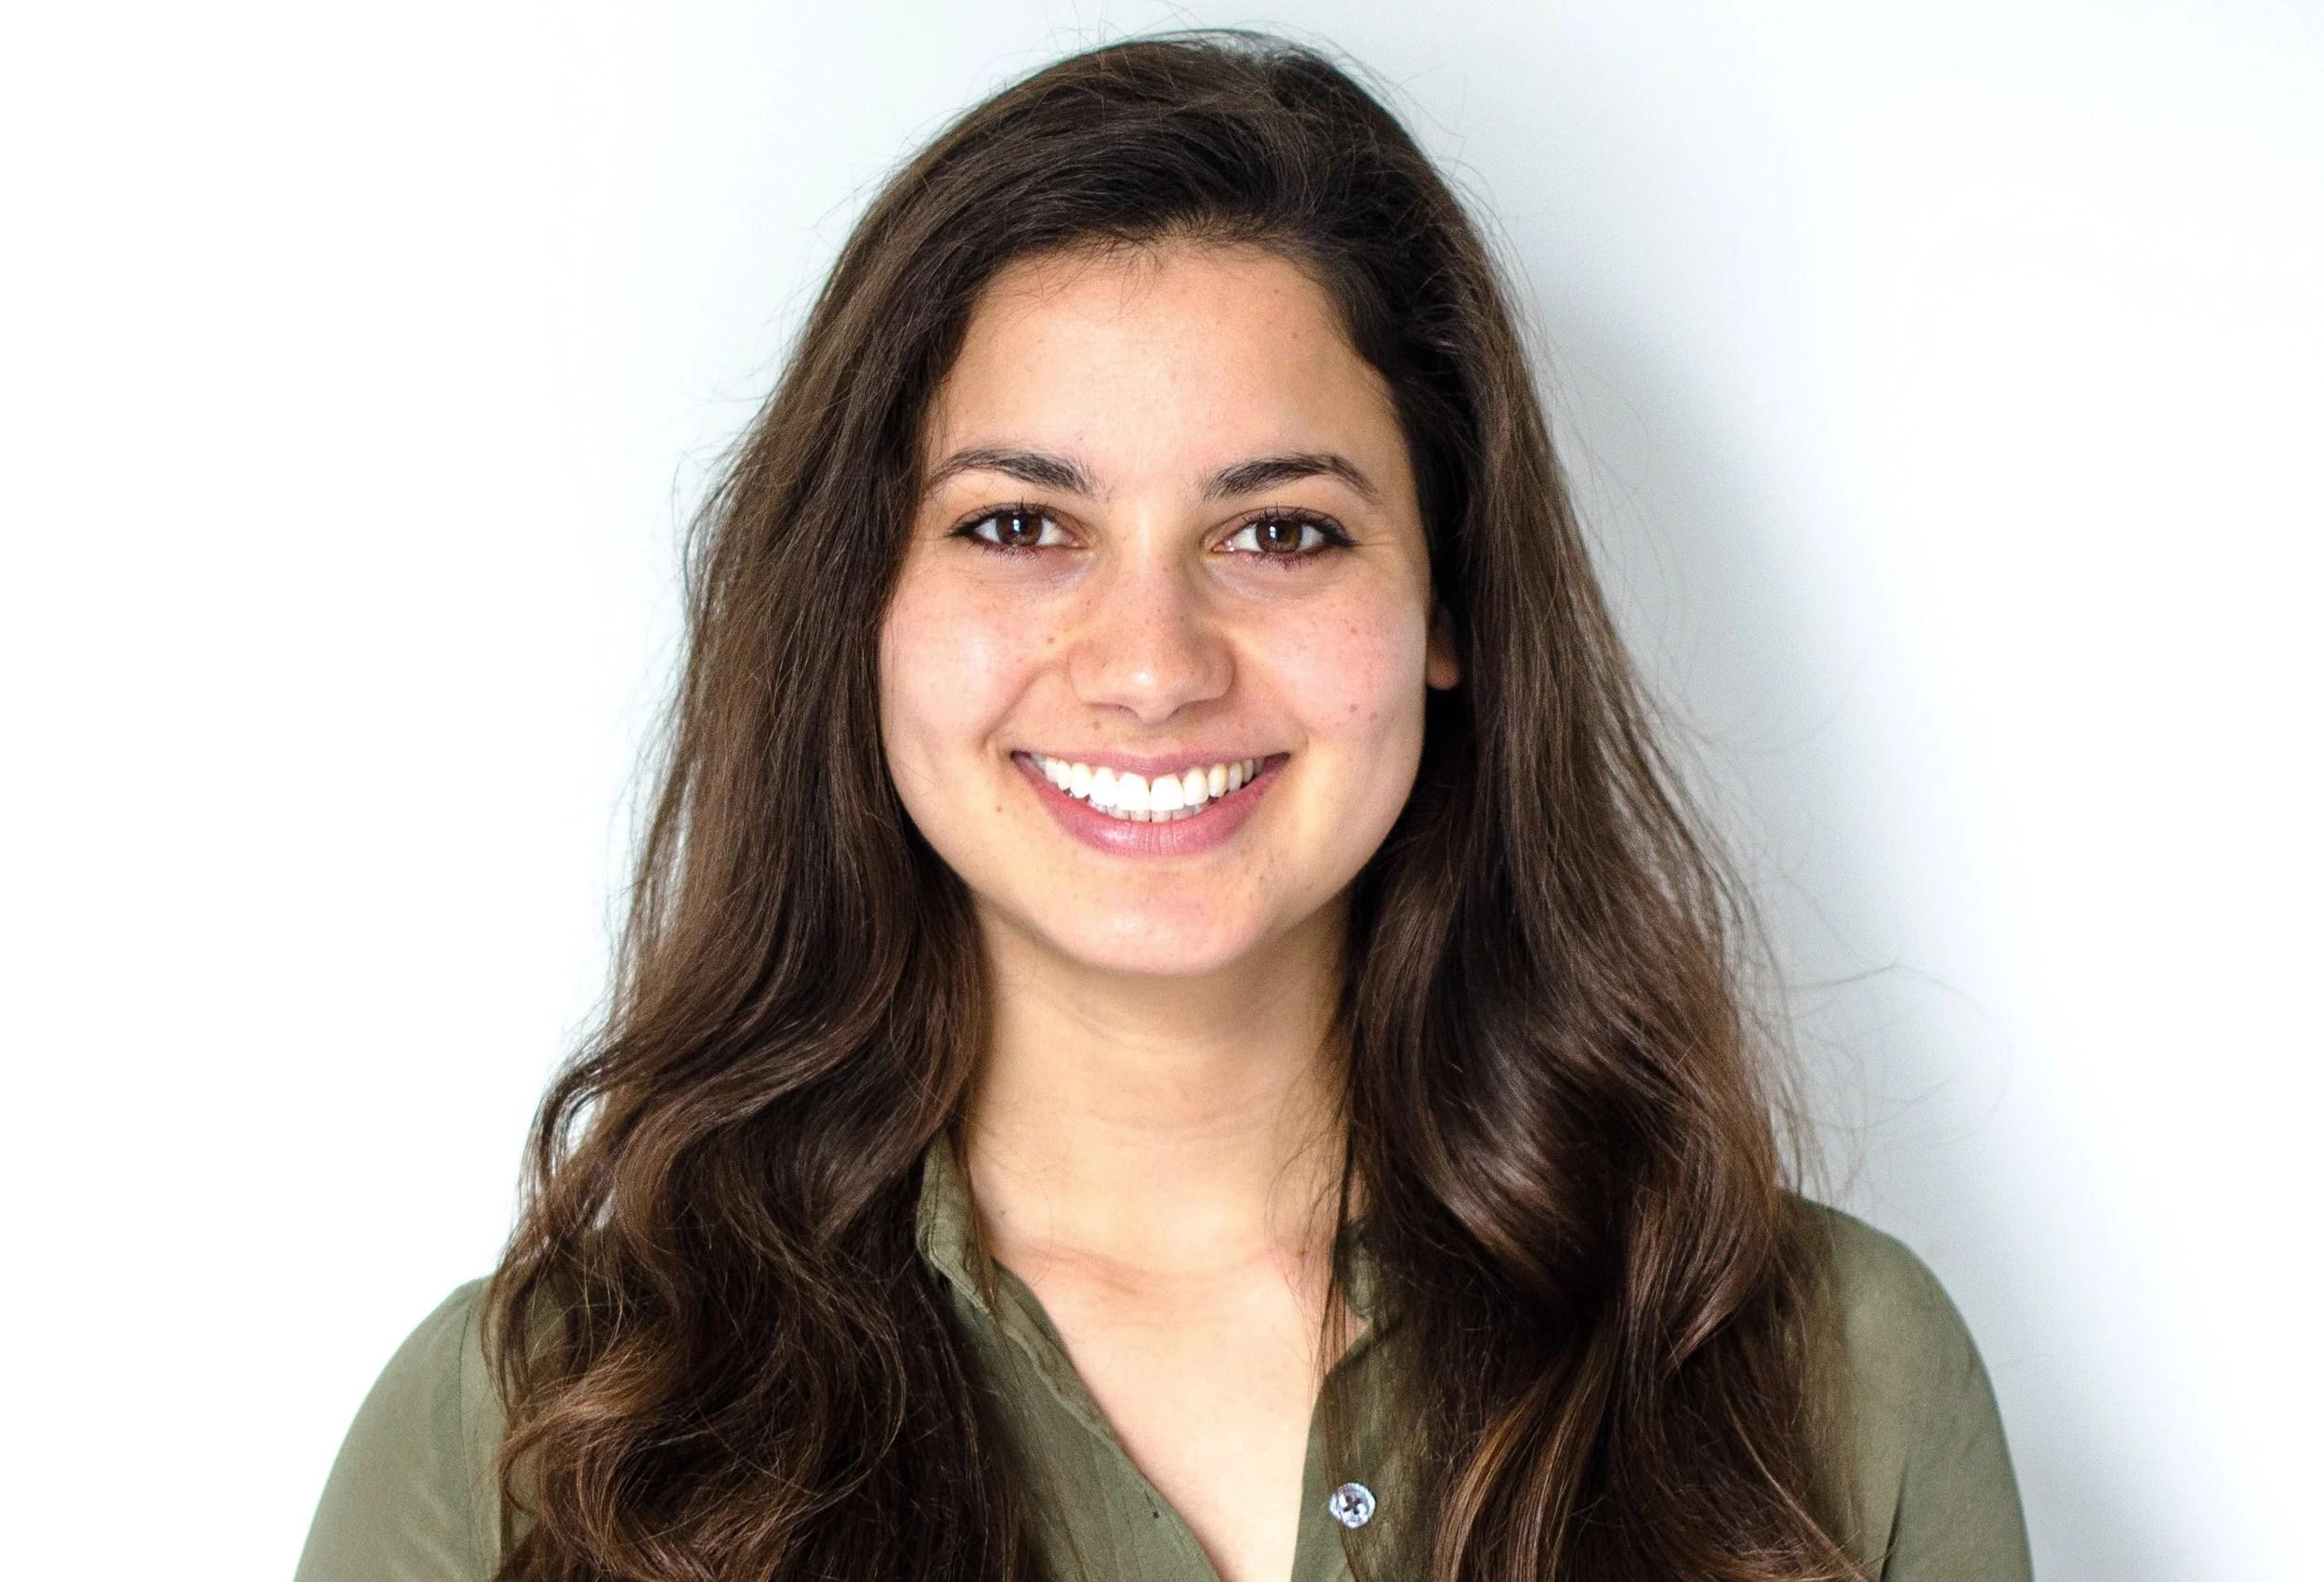 Meera Atreya